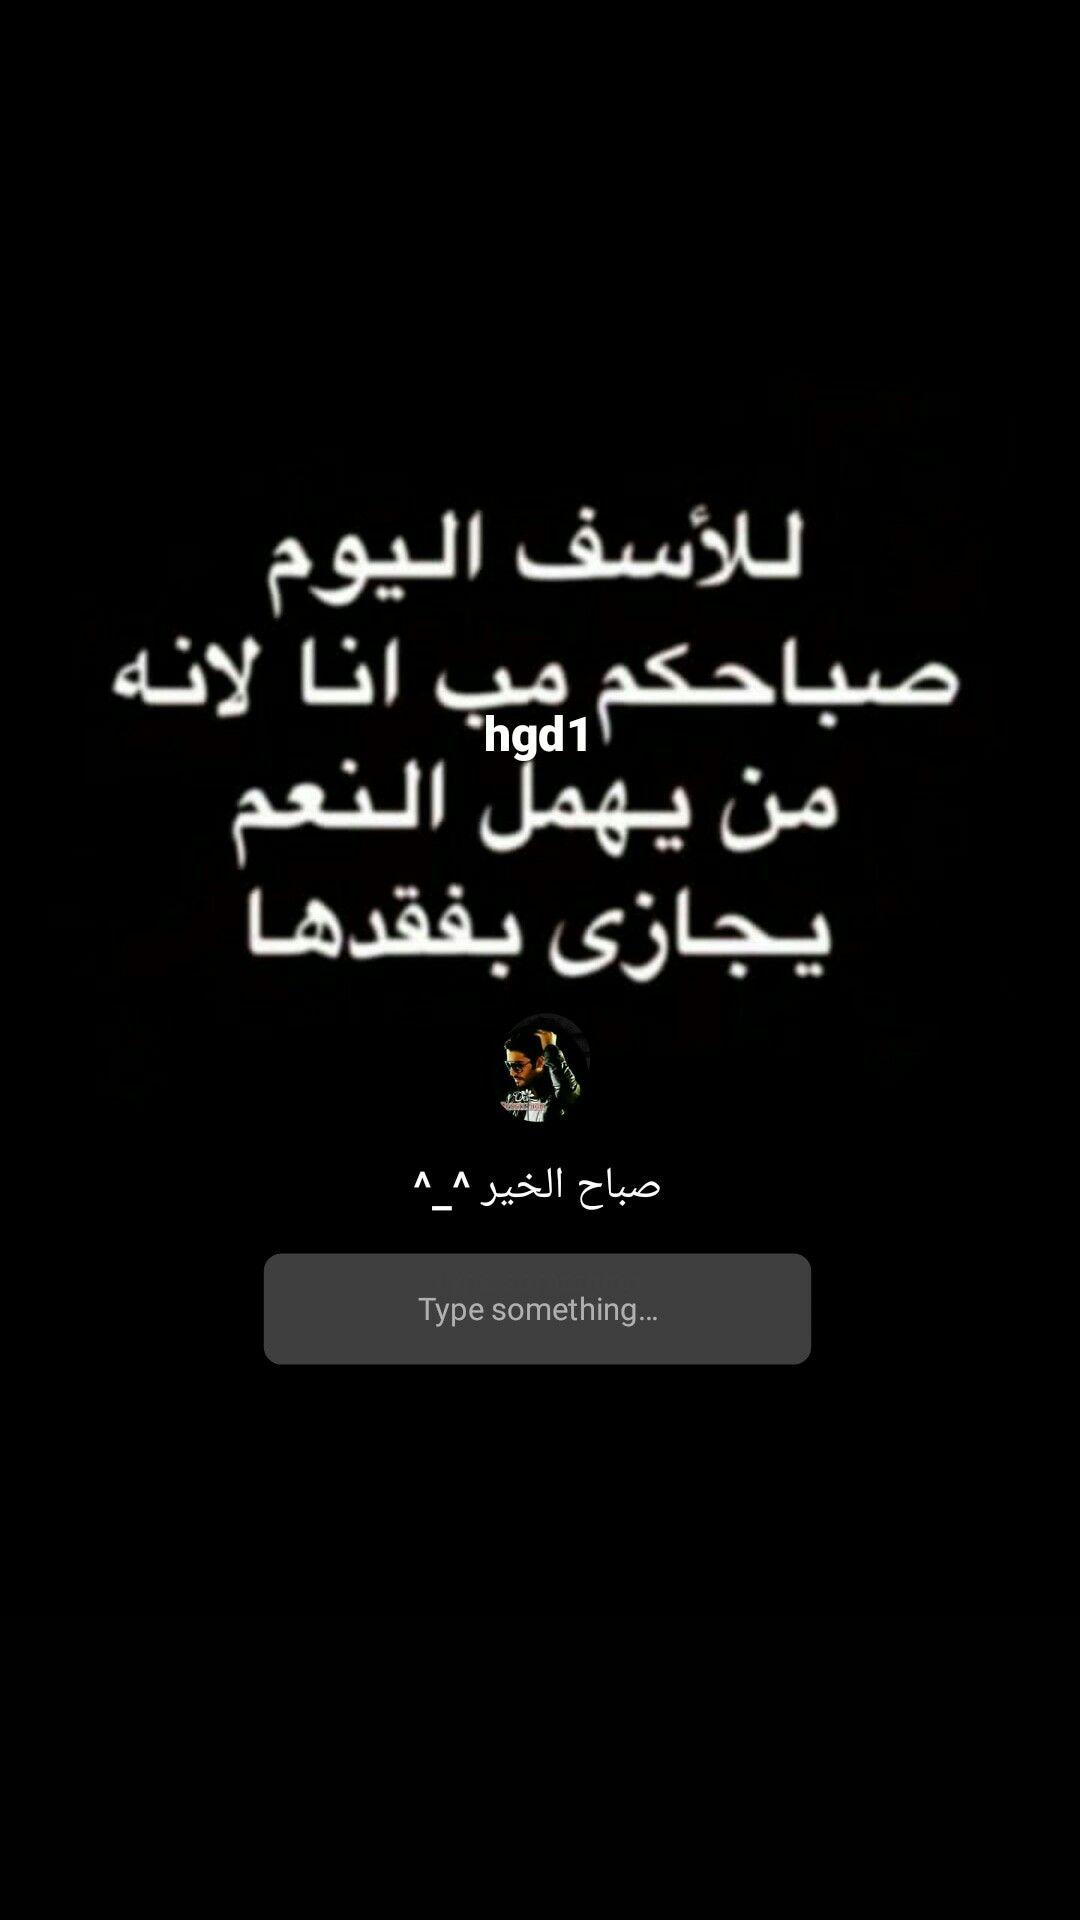 صباح الخير Funny Arabic Quotes Movie Quotes Funny Funny Quotes